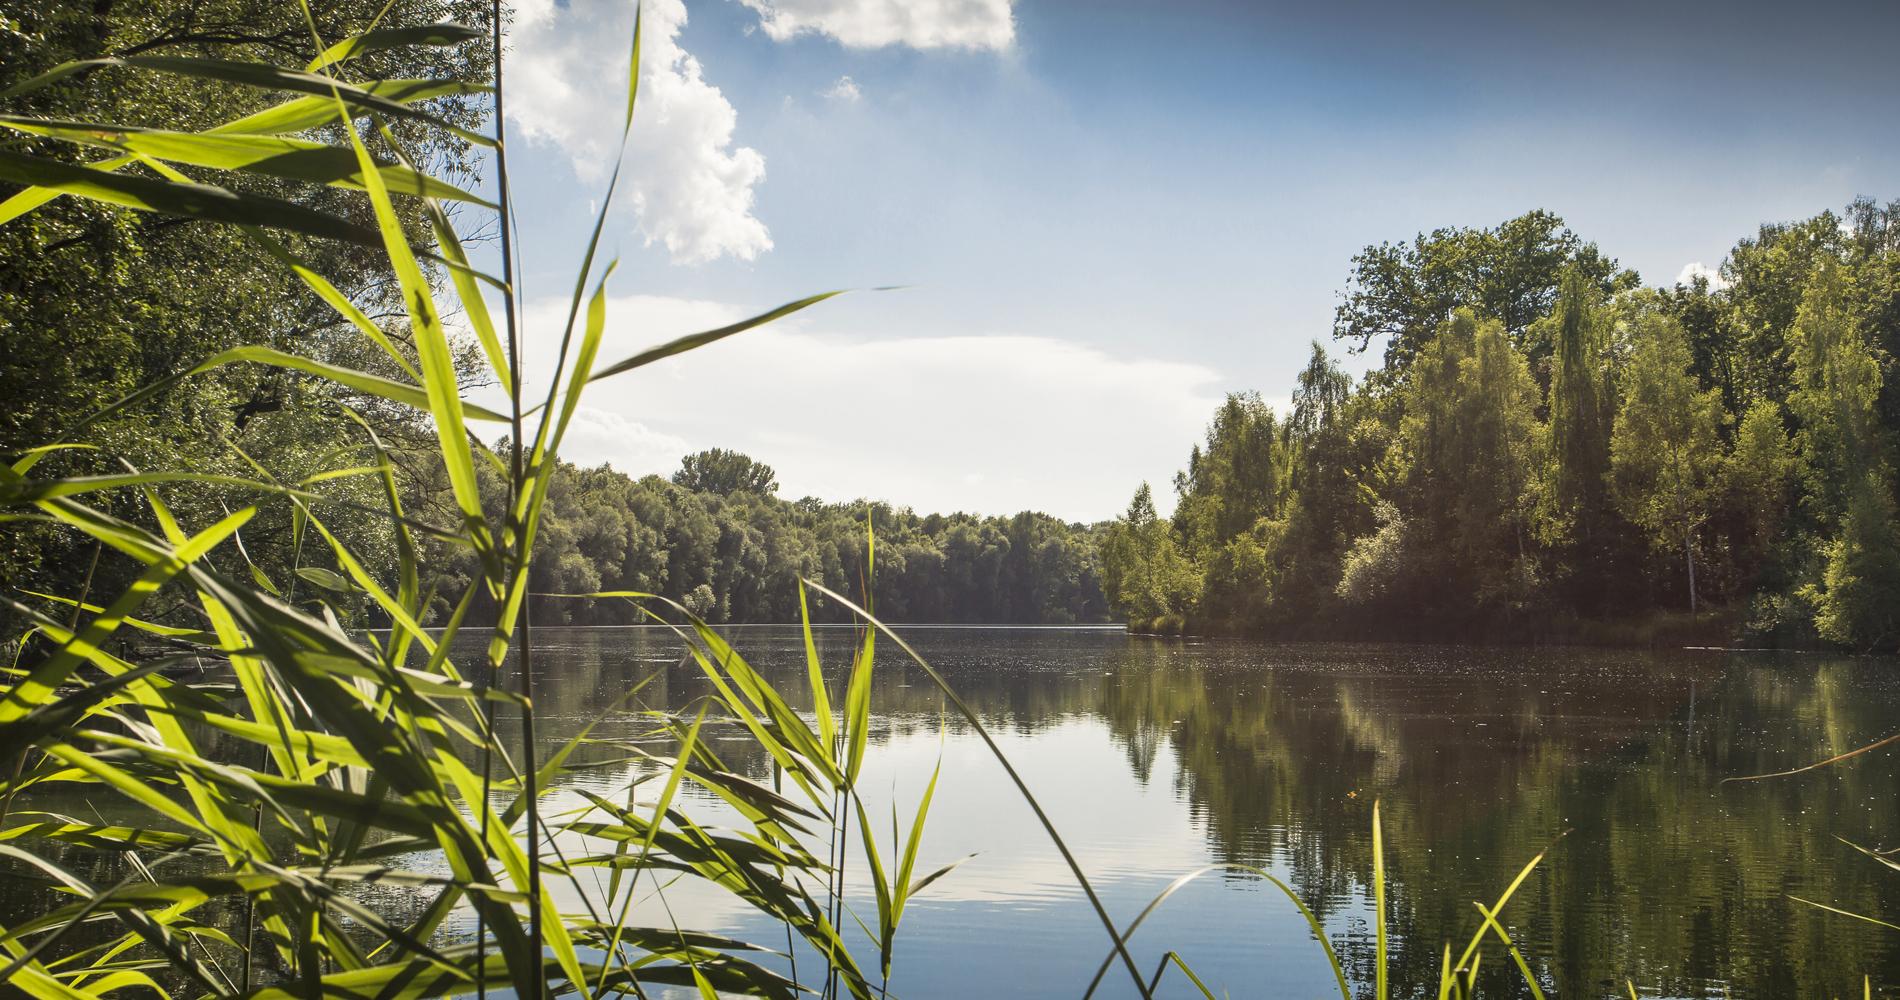 Der Auwaldsee ist ein 50 Hektar großer Badesee mit Naturlehrpfad